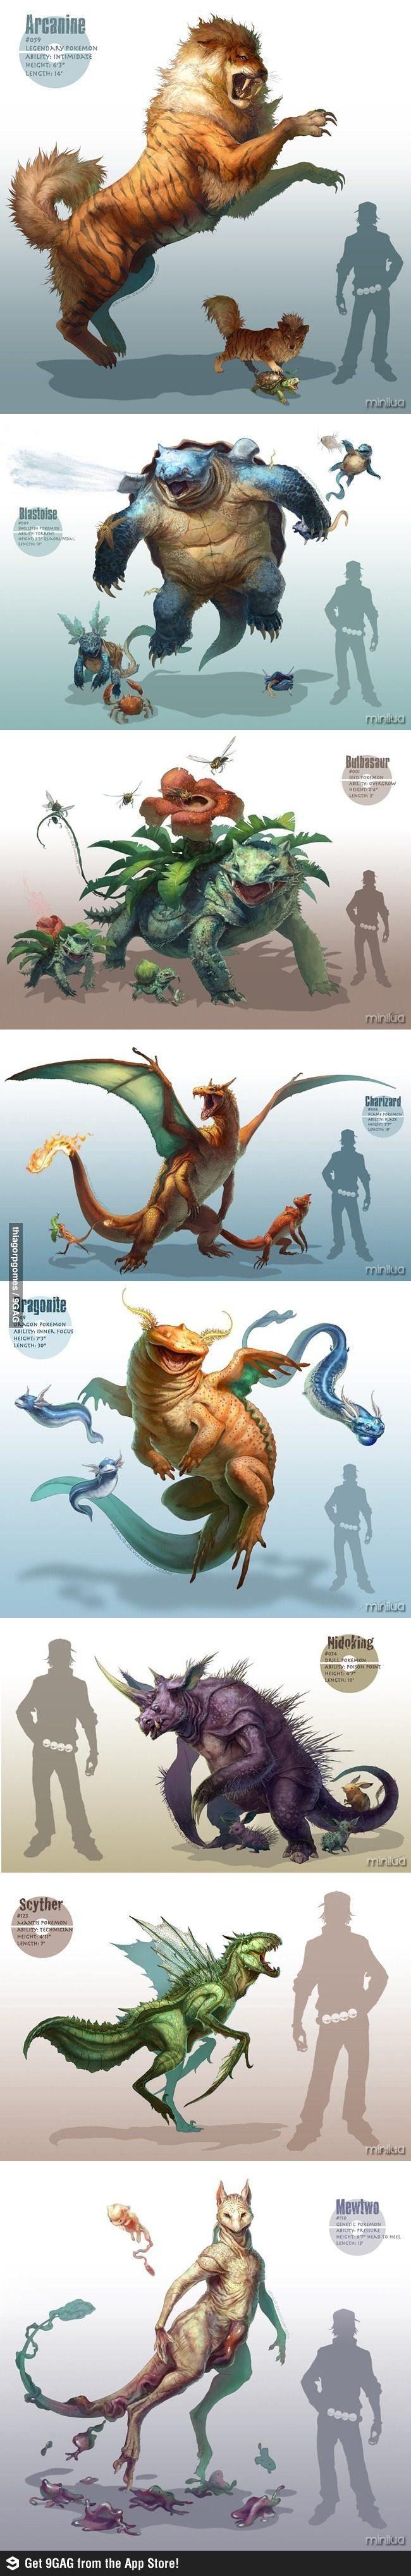 Pokemony w realistycznej wersji. Świetne grafiki! W sumie jak dinozaury :)